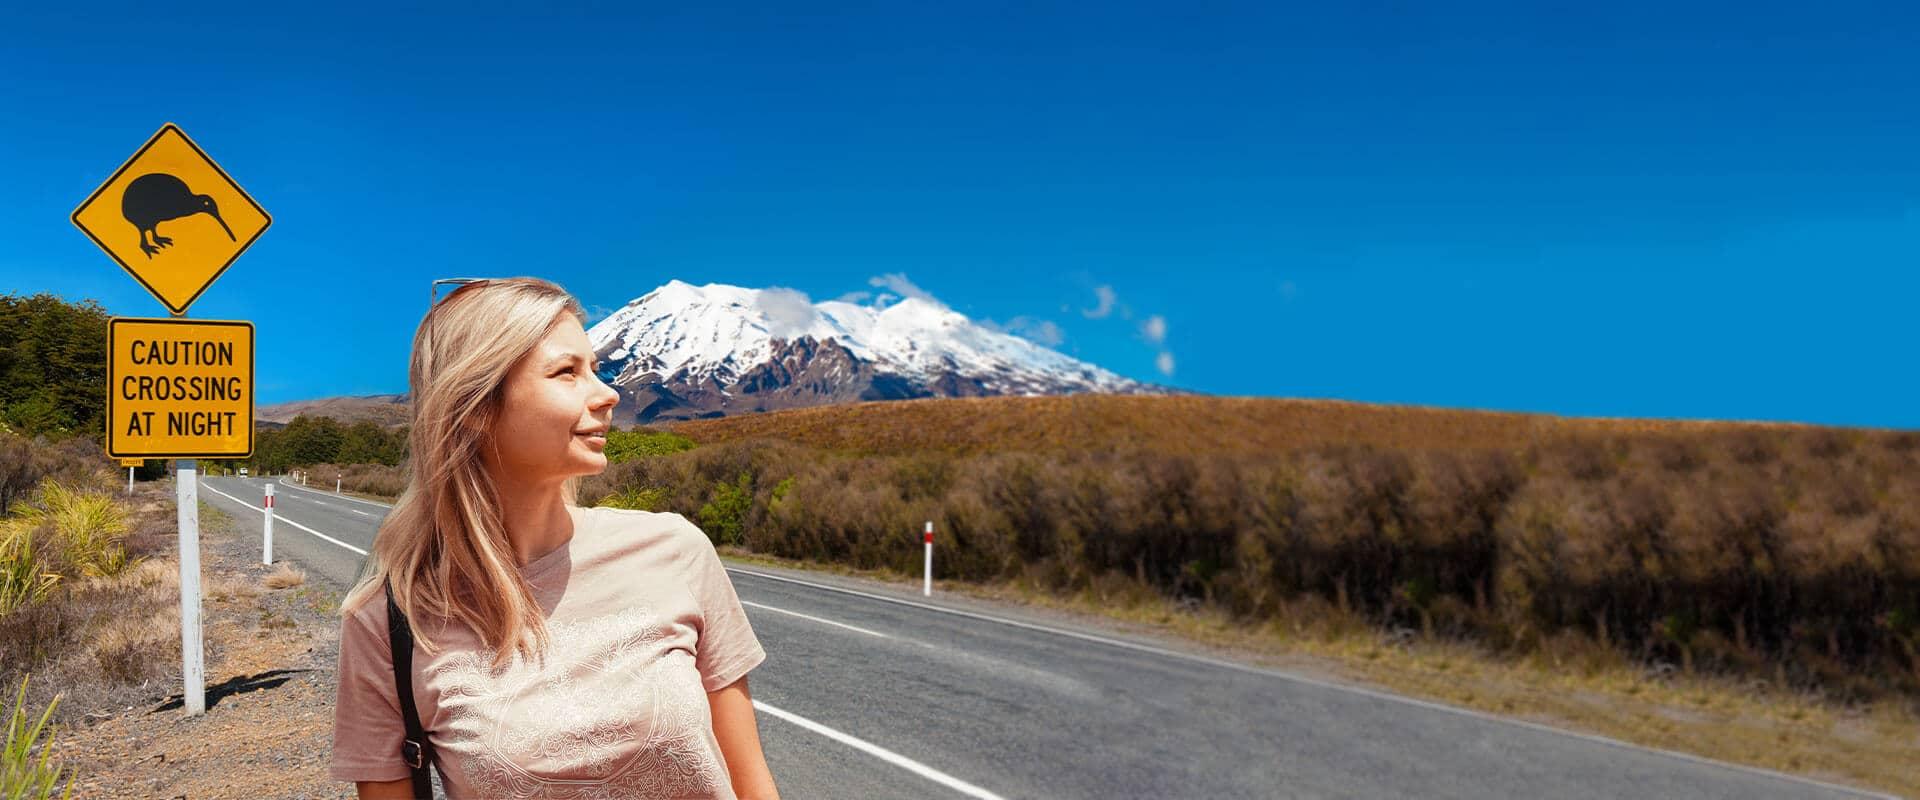 Auslandskrankenversicherung Neuseeland